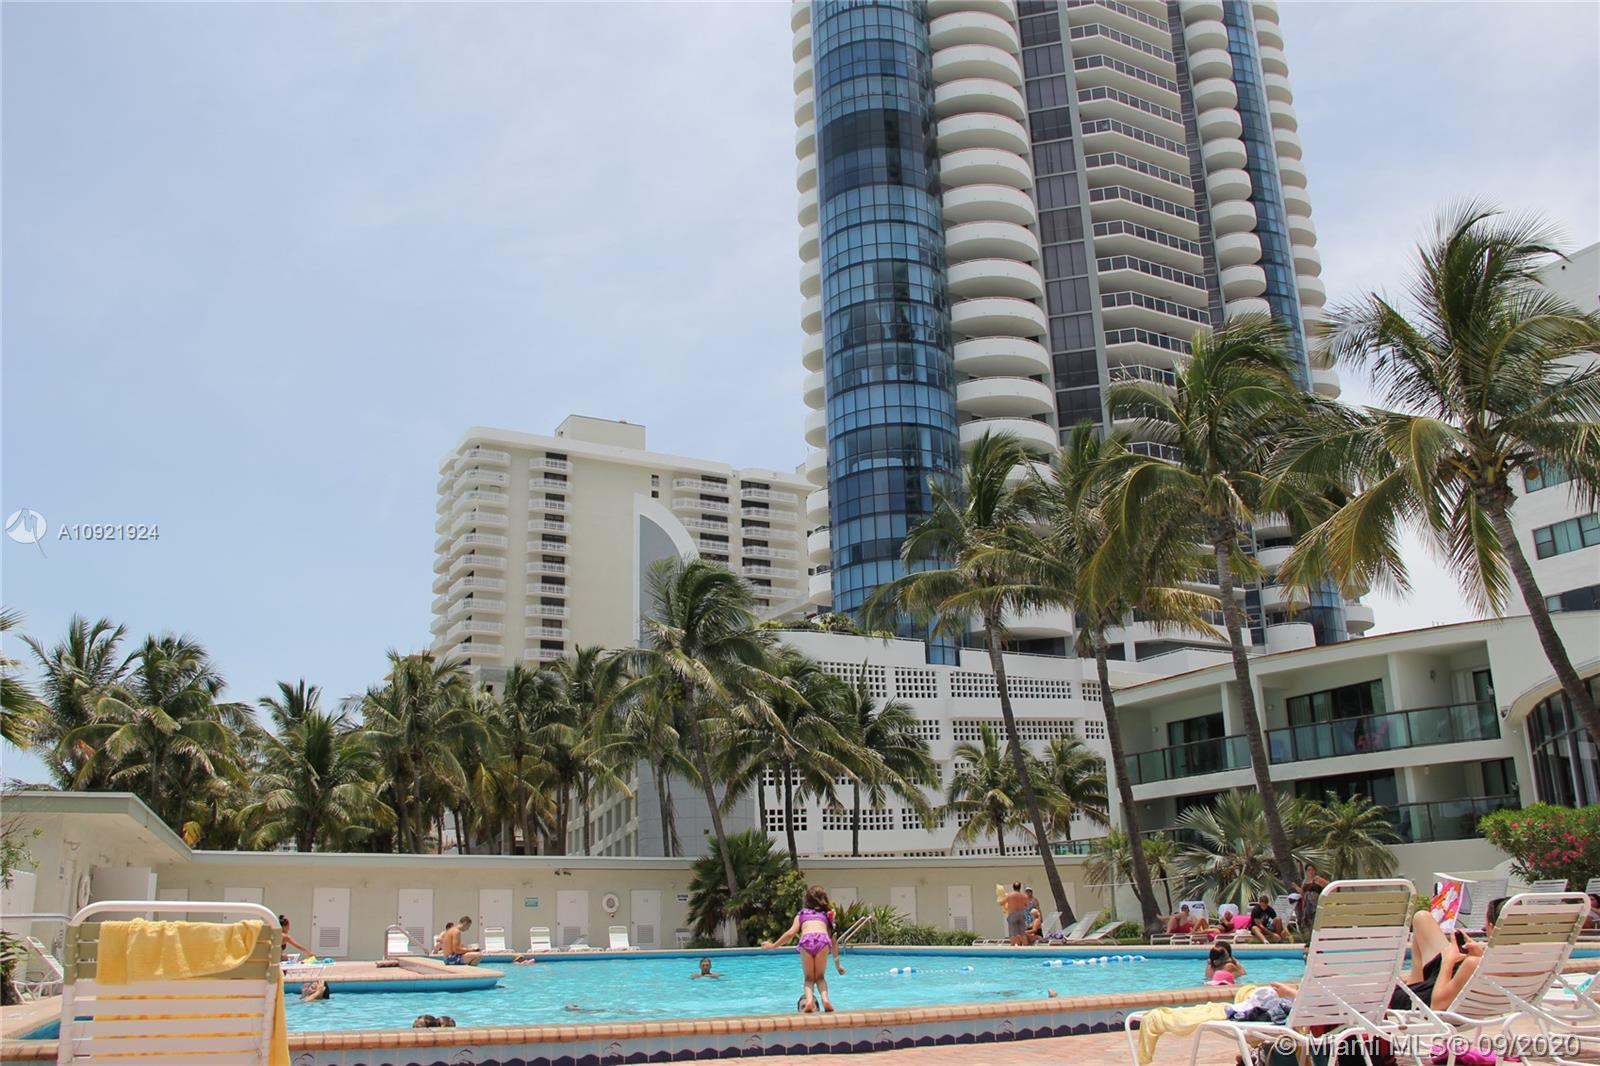 6345 collins ave unit 403, miami beach, fl 33141 home for sale